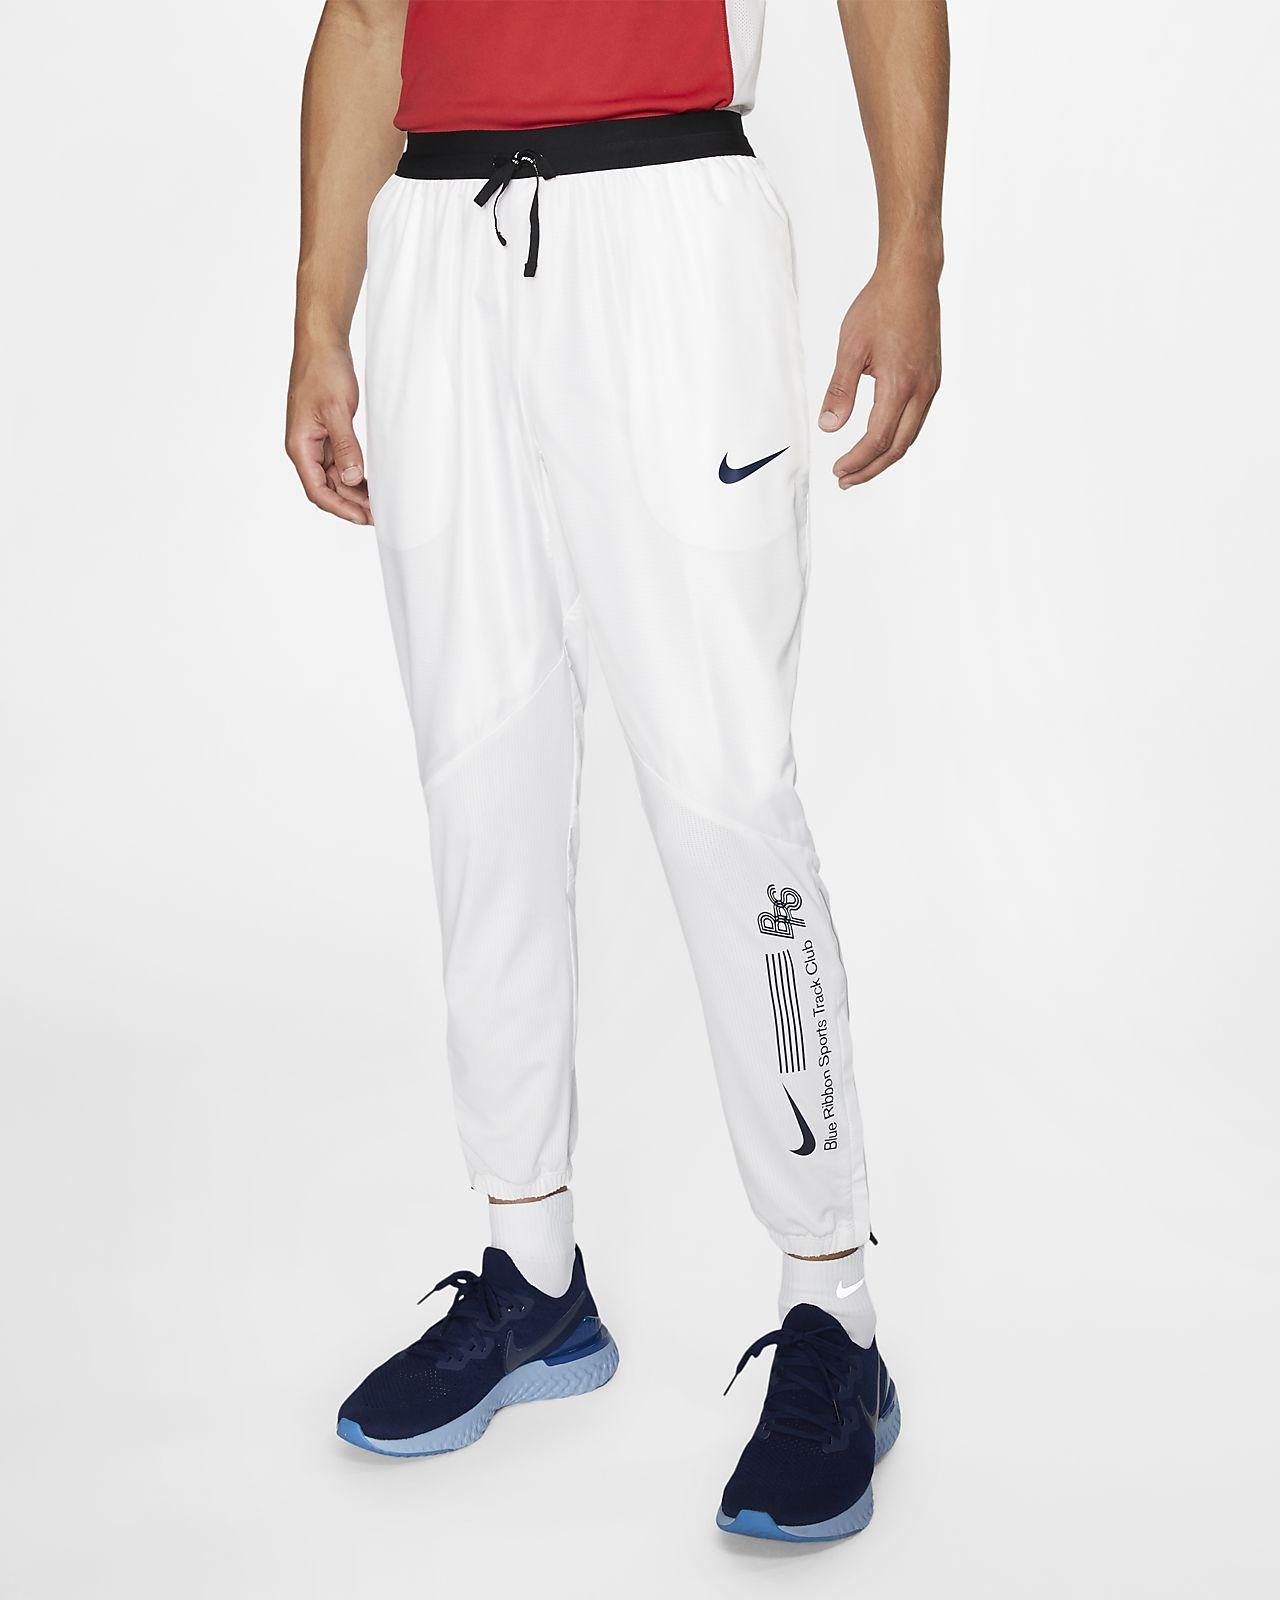 Παντελόνι φόρμας για τρέξιμο Nike BRS